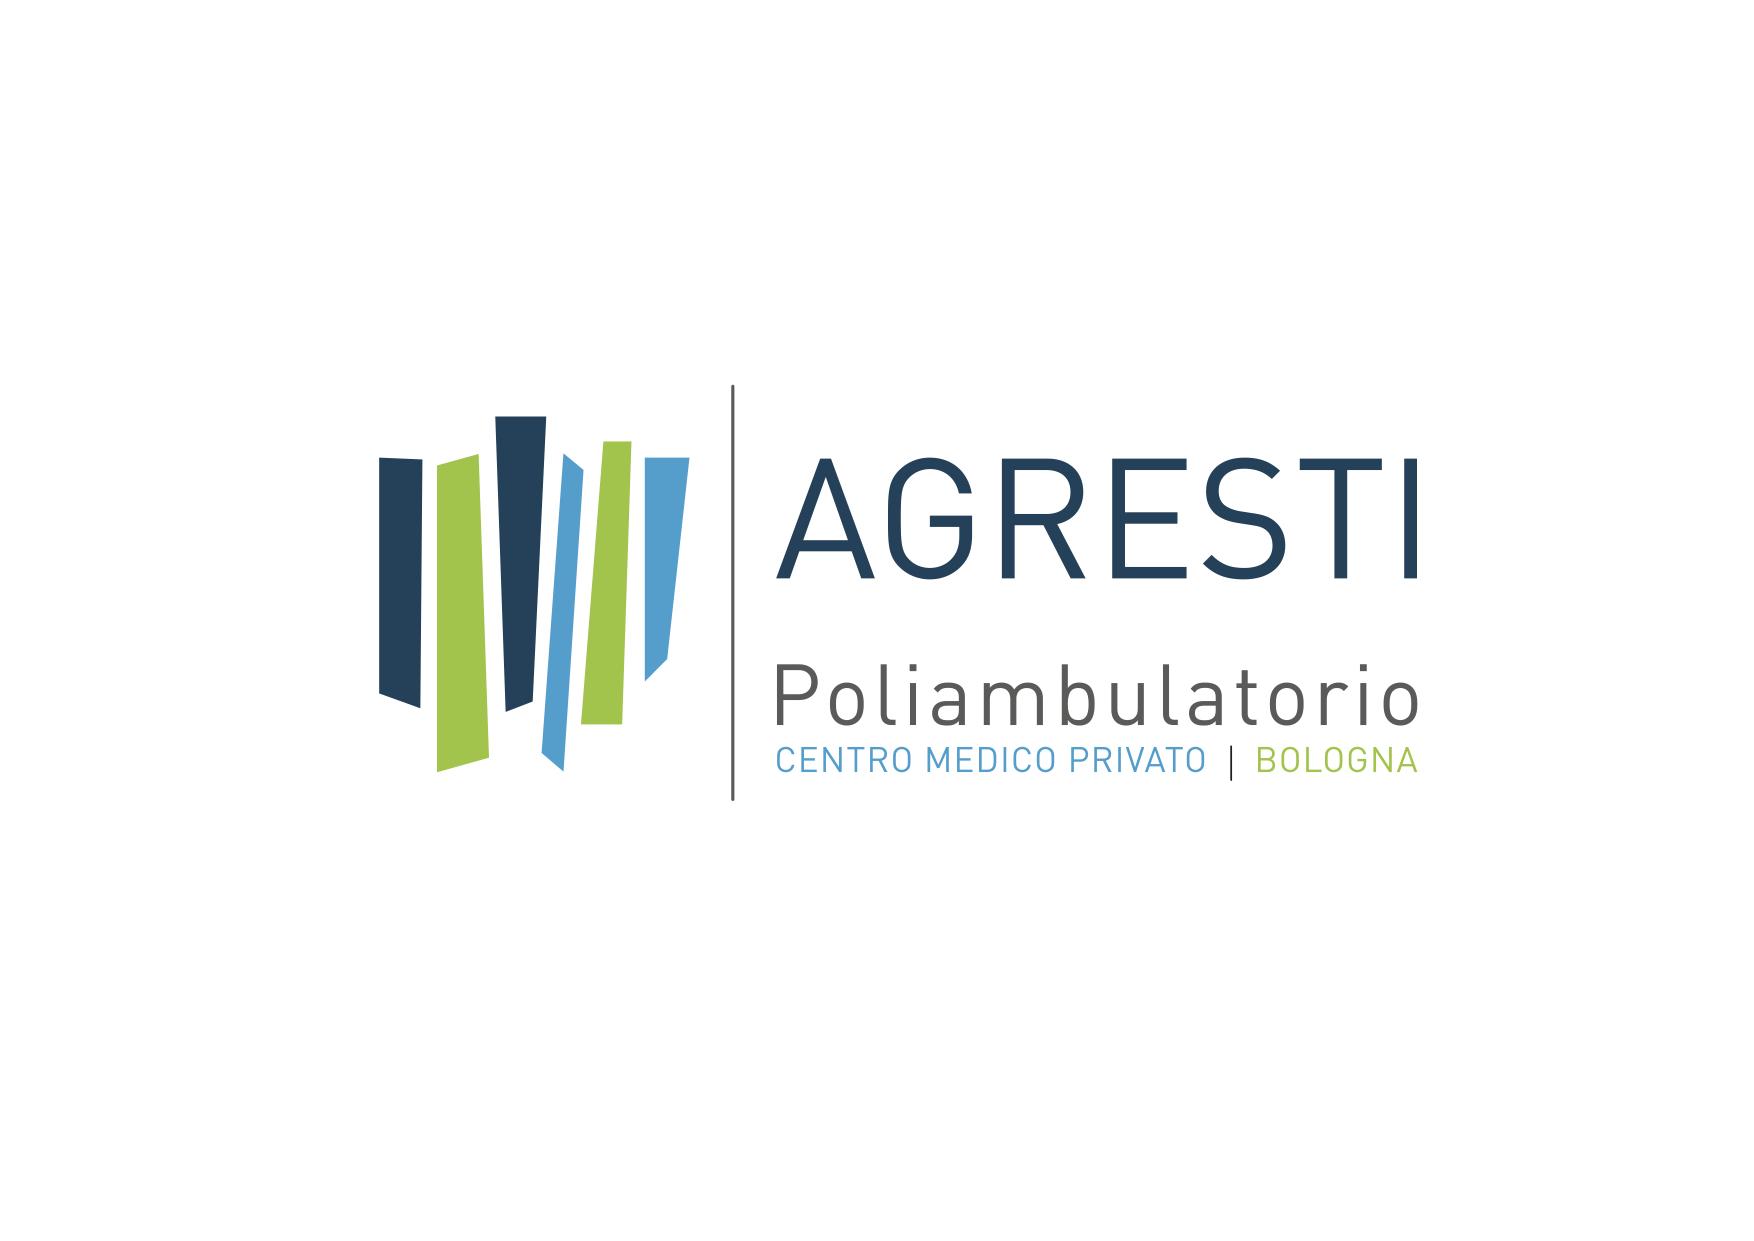 poliambulatorio Agresti